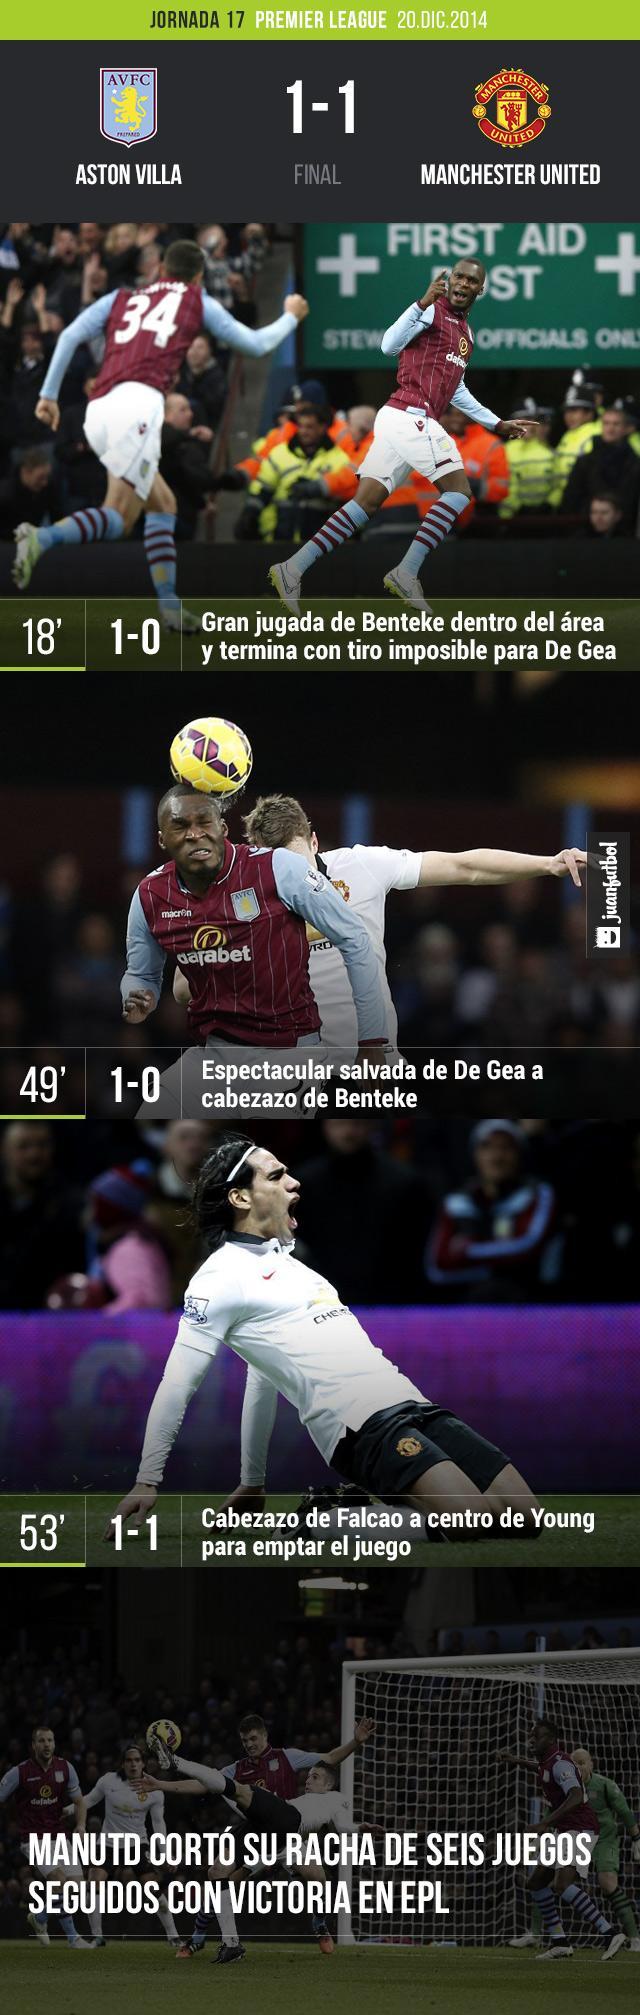 Manchester United empató en la Premier League 1-1 con Aston Villa con goles de Falcao y Benteke